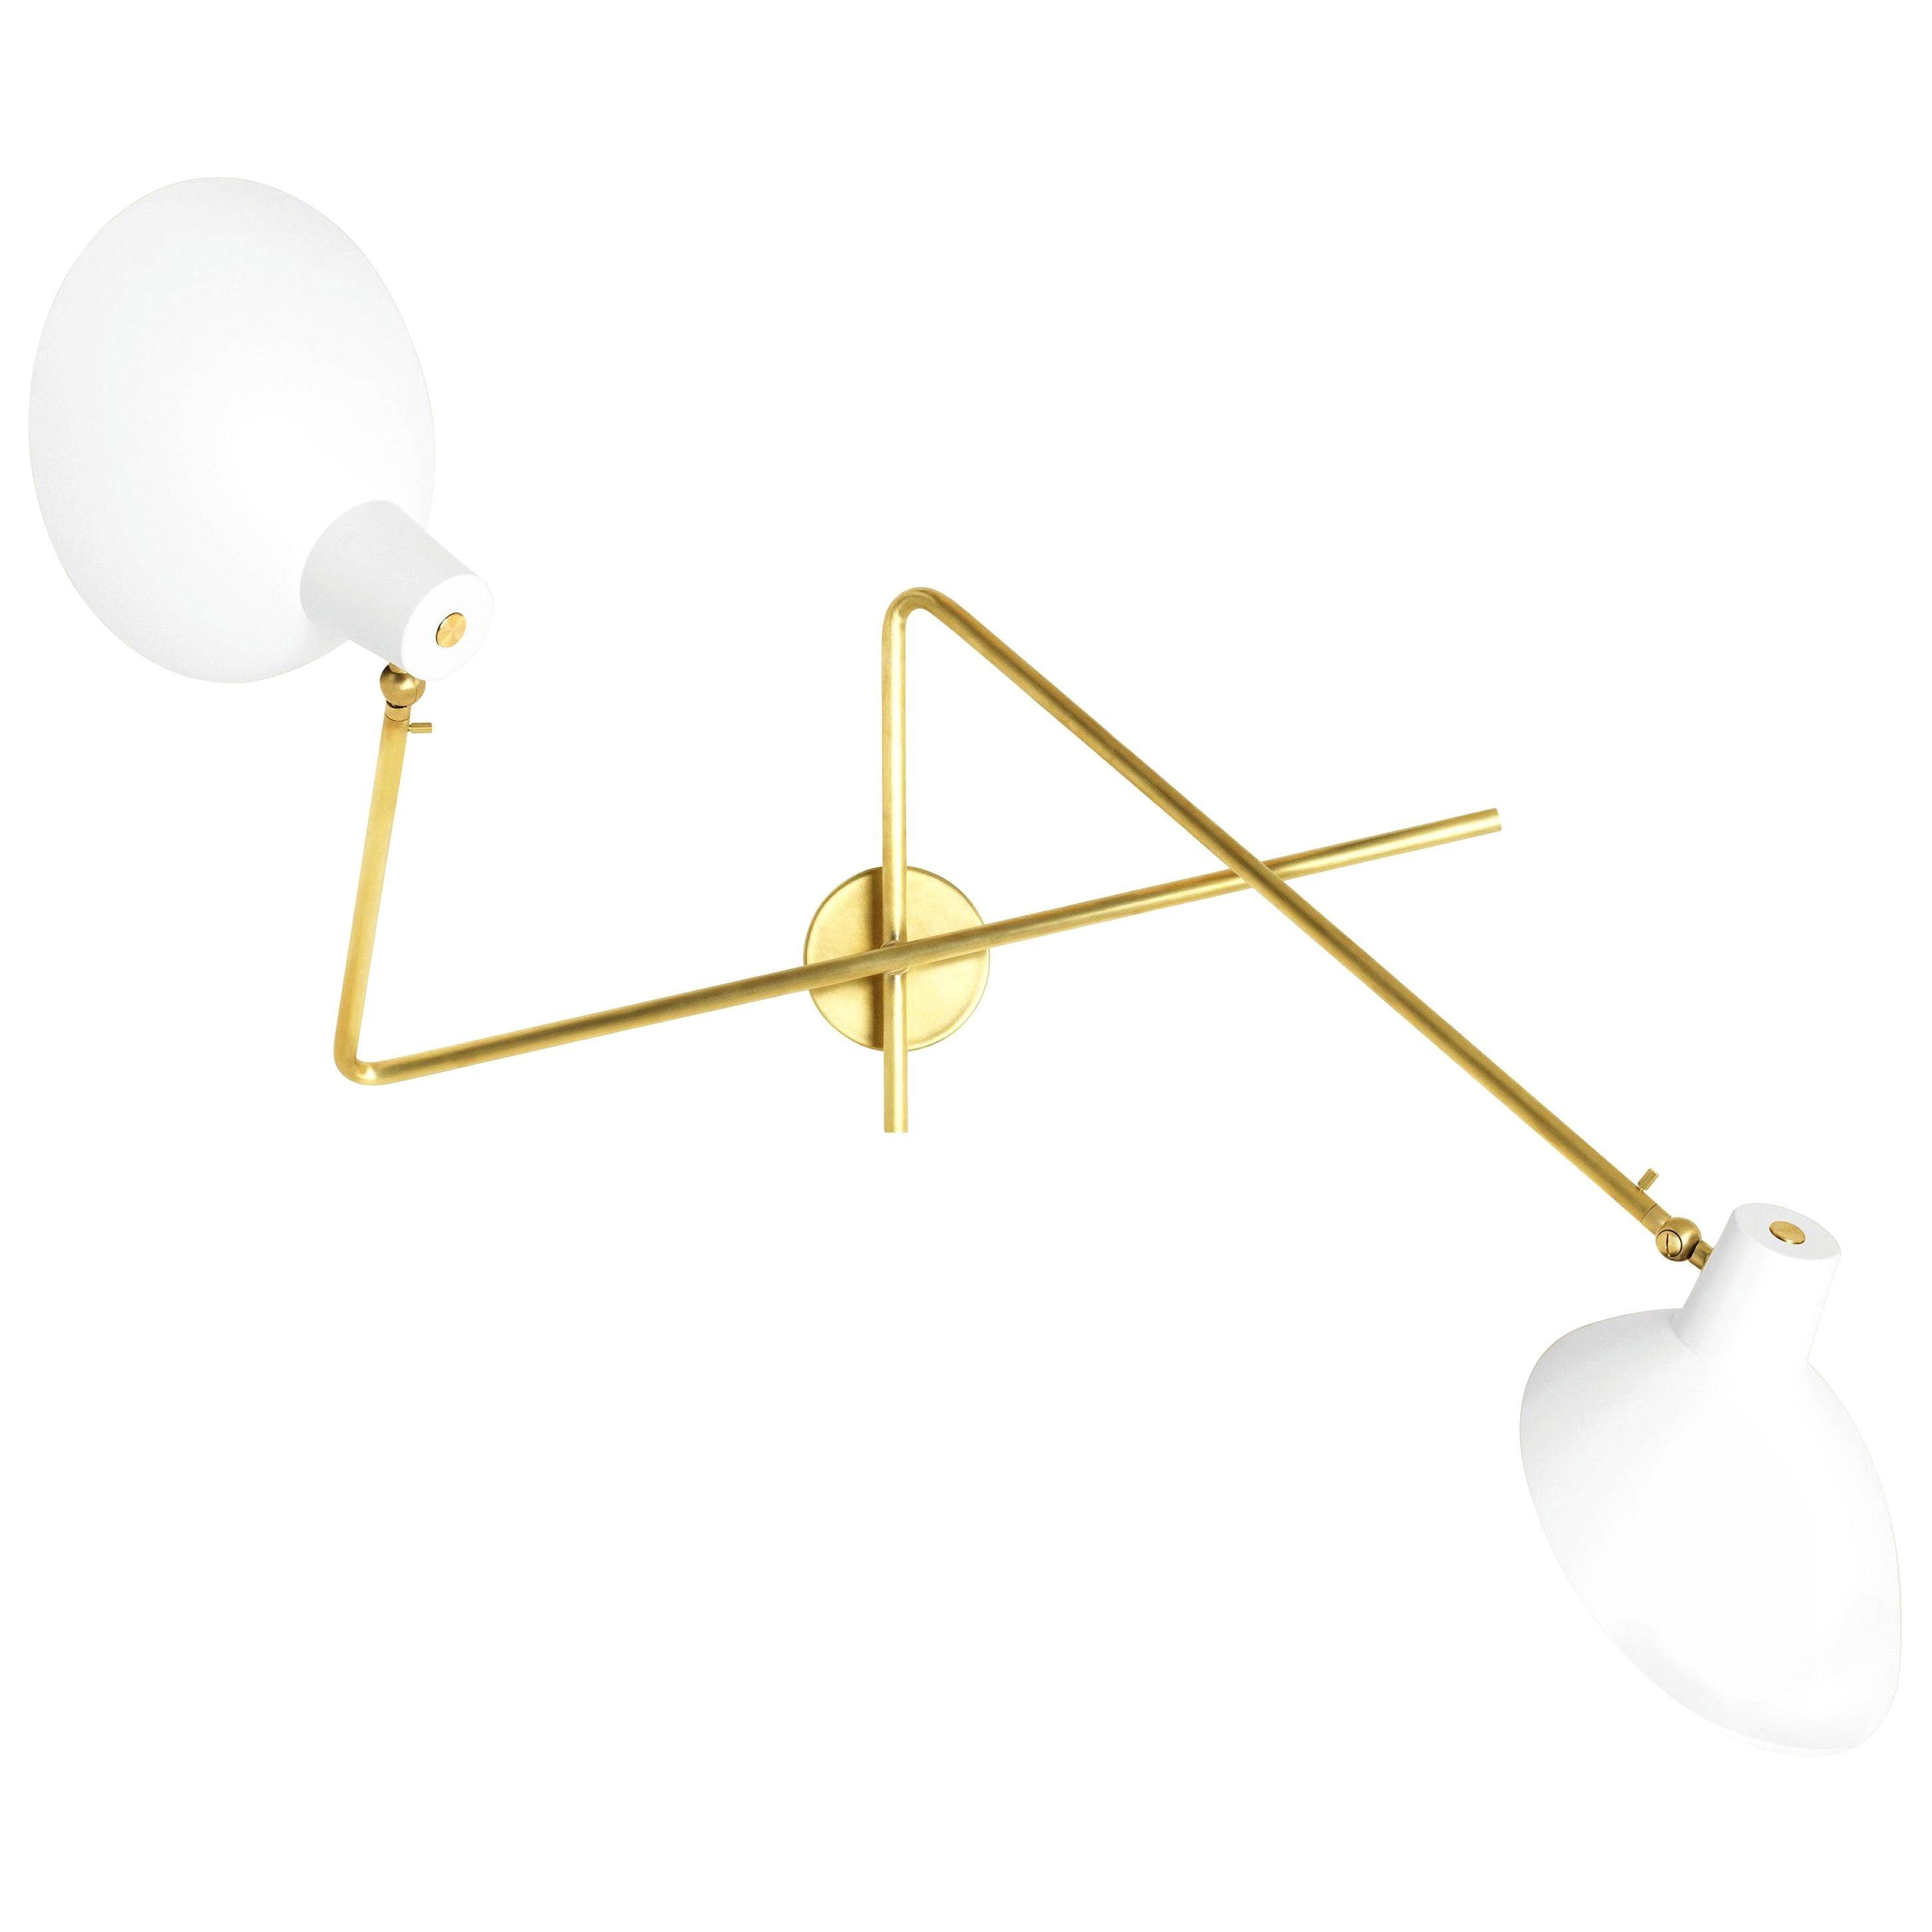 Vittoriano Viganò 'VV Cinquanta Twin' Wall Lamp in White